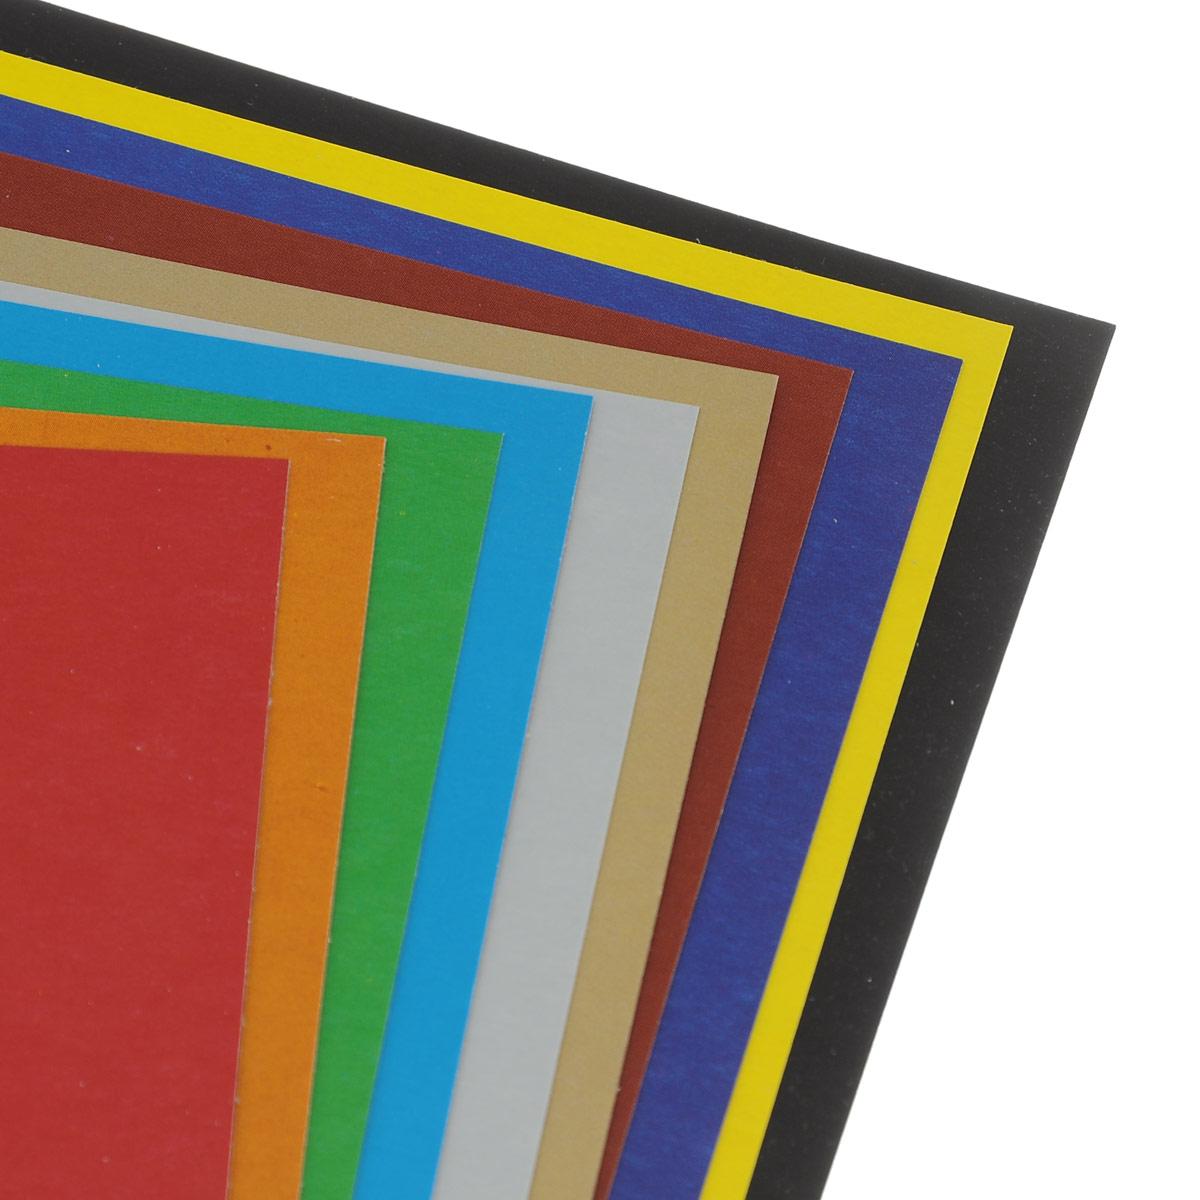 Картон цветной Hatber: Карусель позволит создавать всевозможные аппликации и поделки. Набор включает 10 листов одностороннего цветного картона формата А4. Цвета: красный, оранжевый, зеленый, голубой, серебренный, золотистый, коричневый, синий, желтый, черный. br> Создание поделок из цветного картона позволяет ребенку развивать творческие способности, кроме того, это увлекательный досуг.